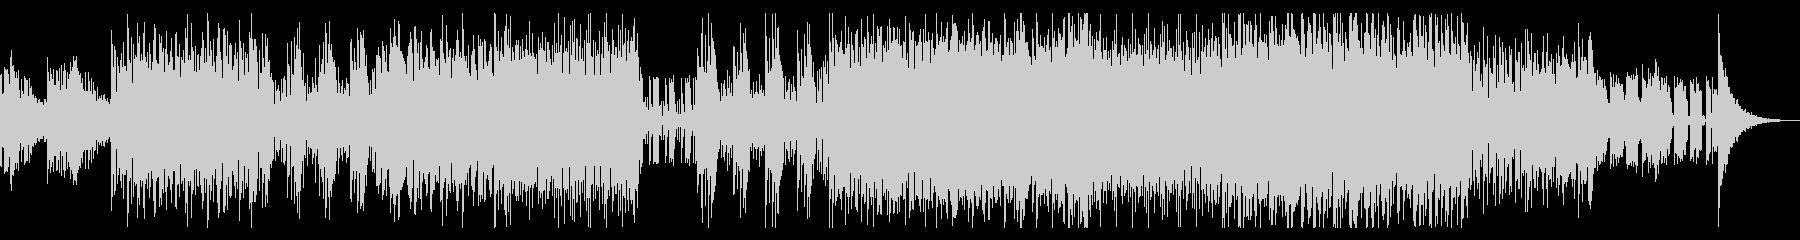 無機質なヒップホップ風ダンスインストの未再生の波形